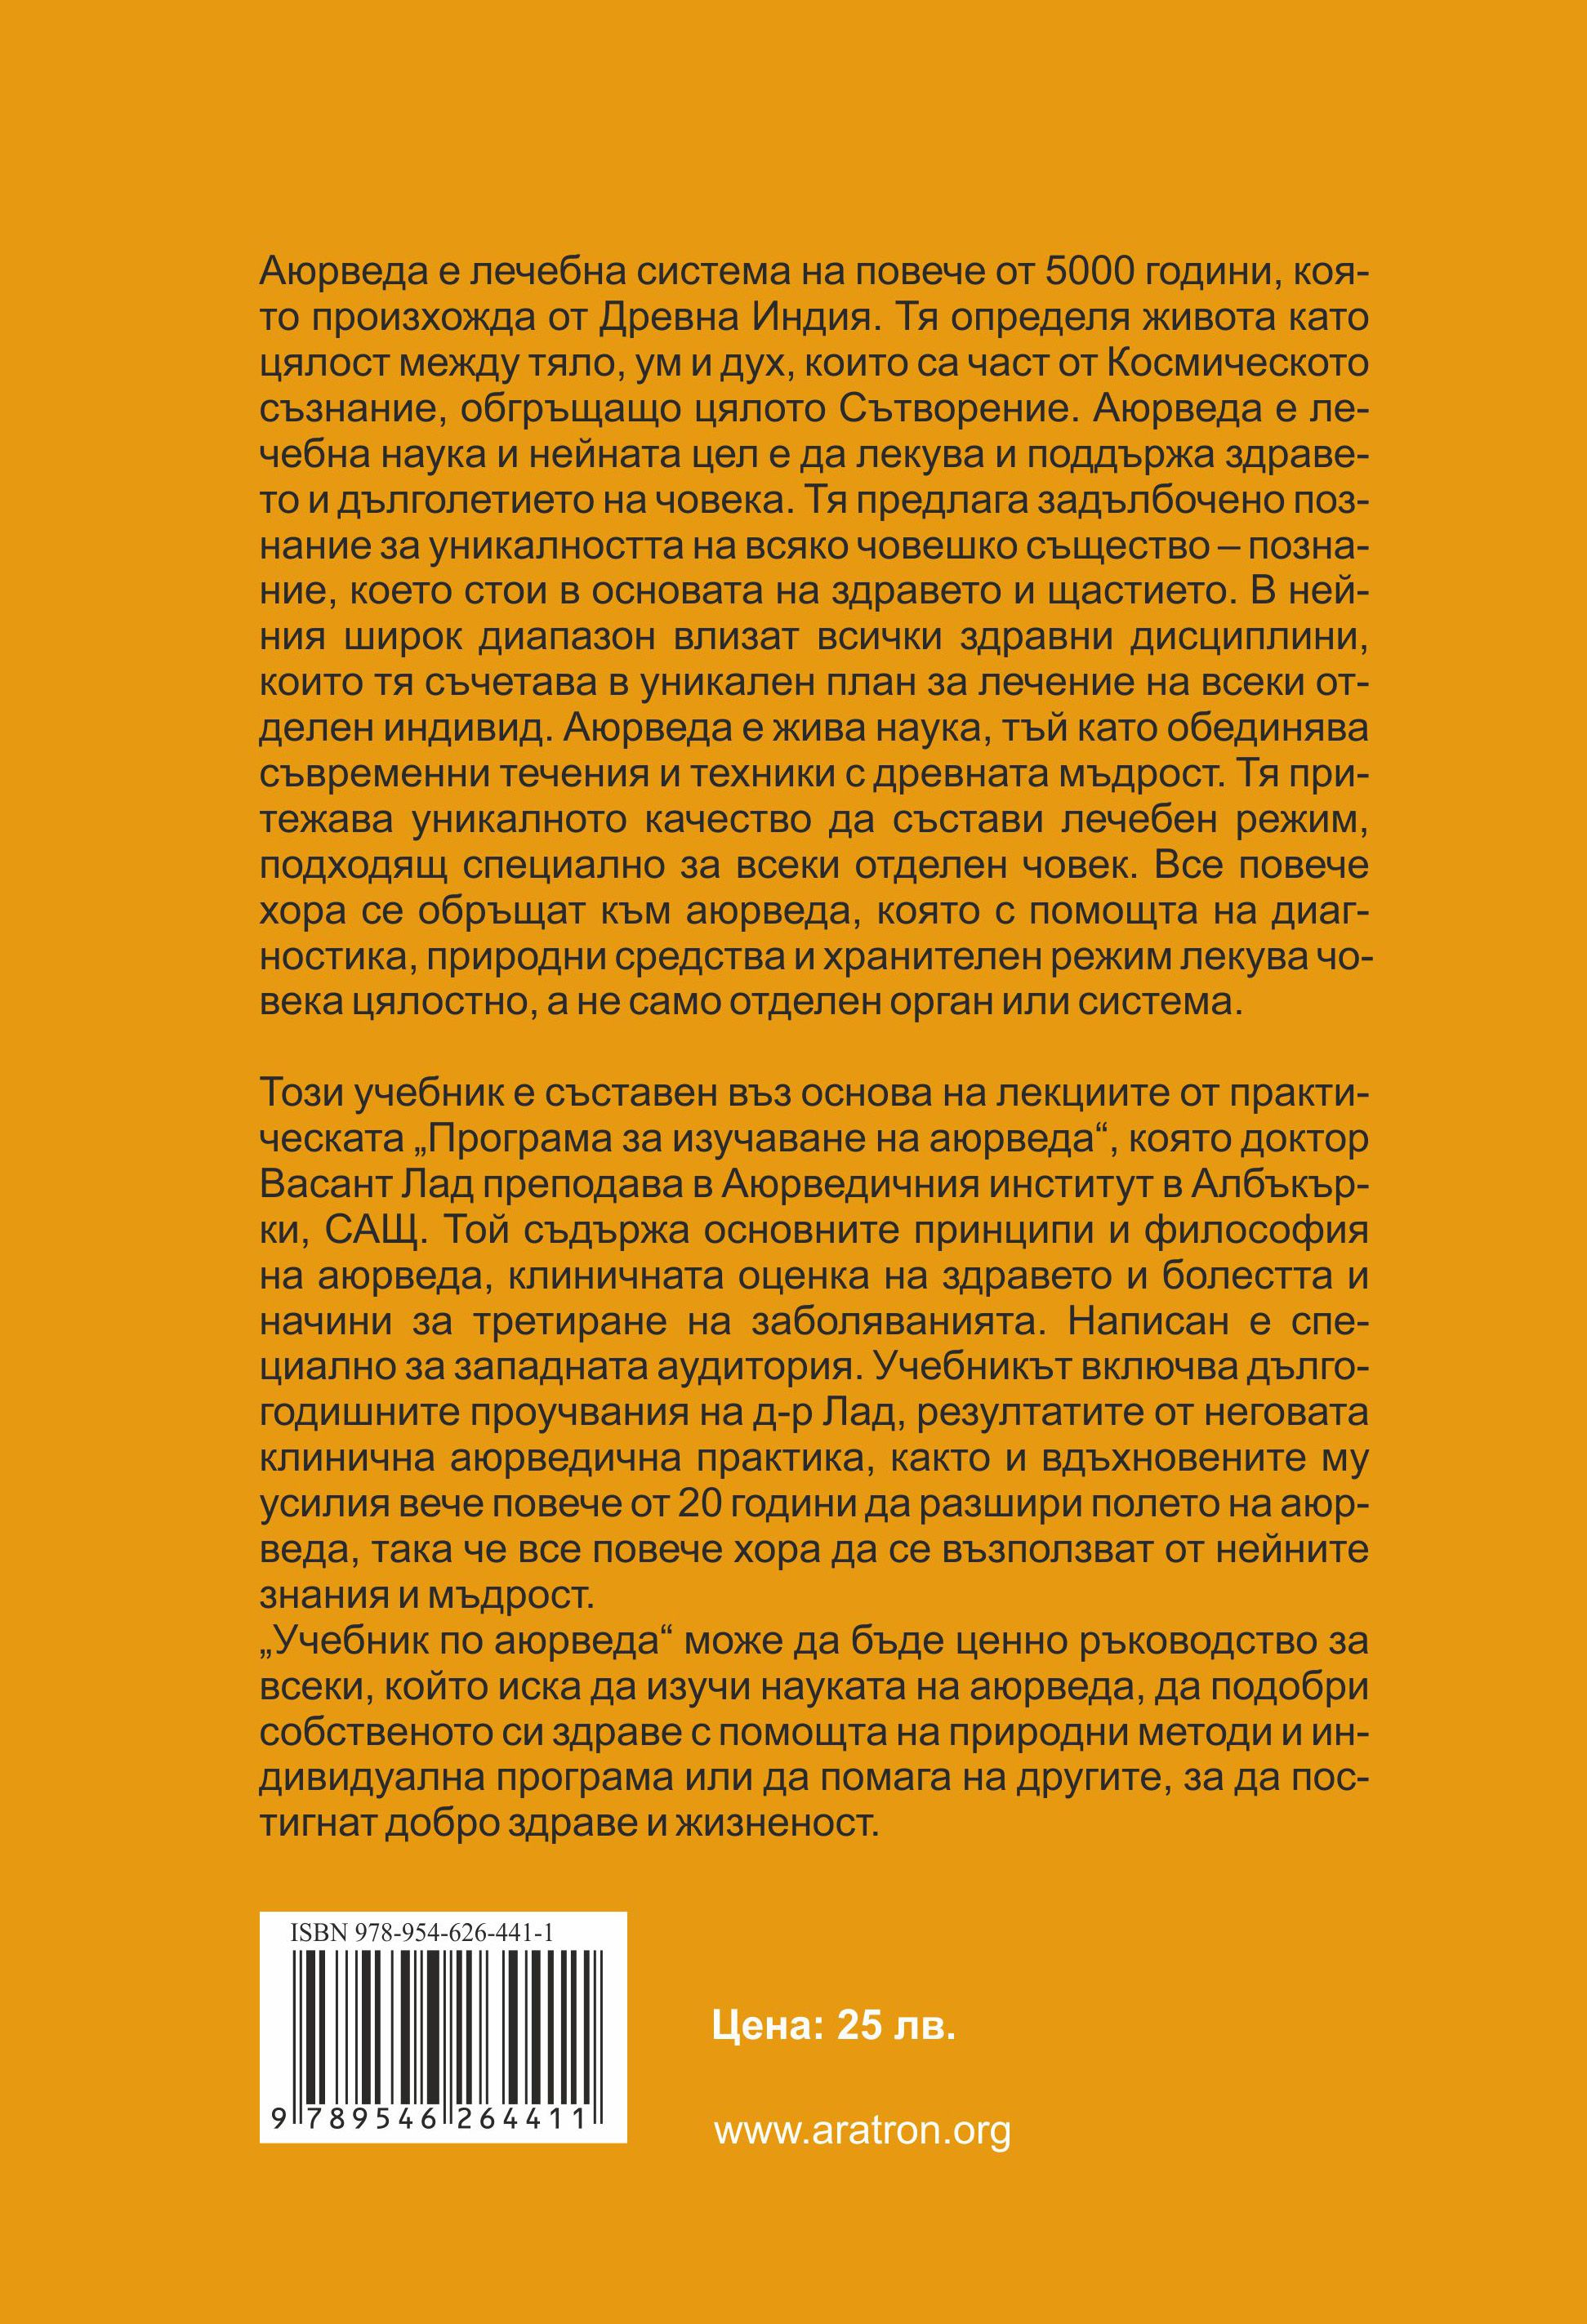 Учебник по аюрведа - 2